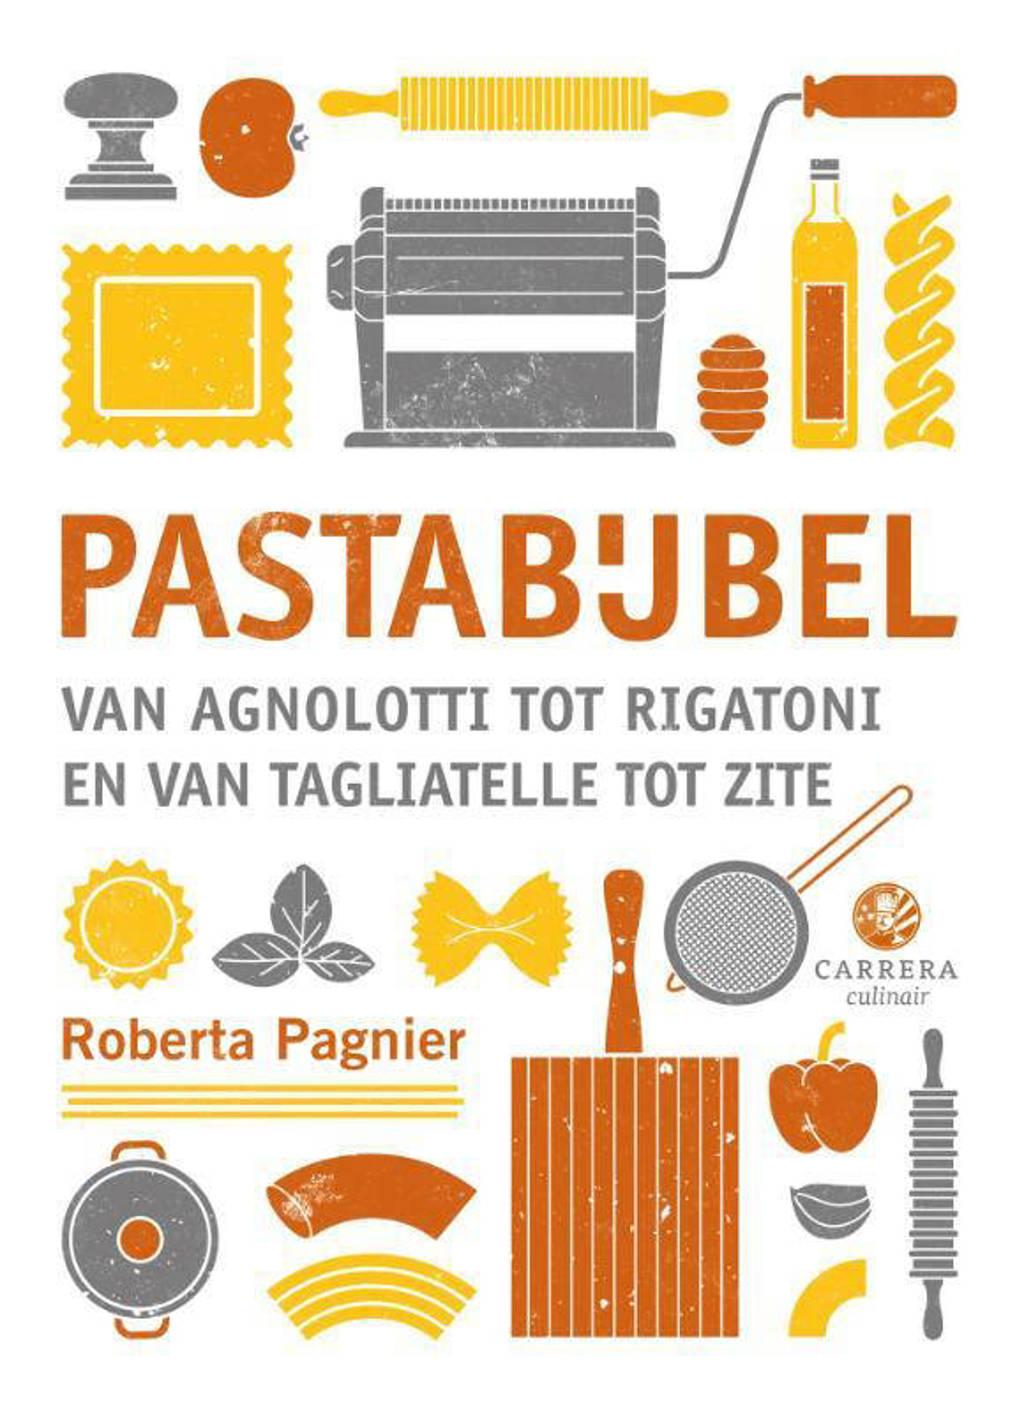 Pastabijbel - Roberta Pagnier en Lotje Deelman